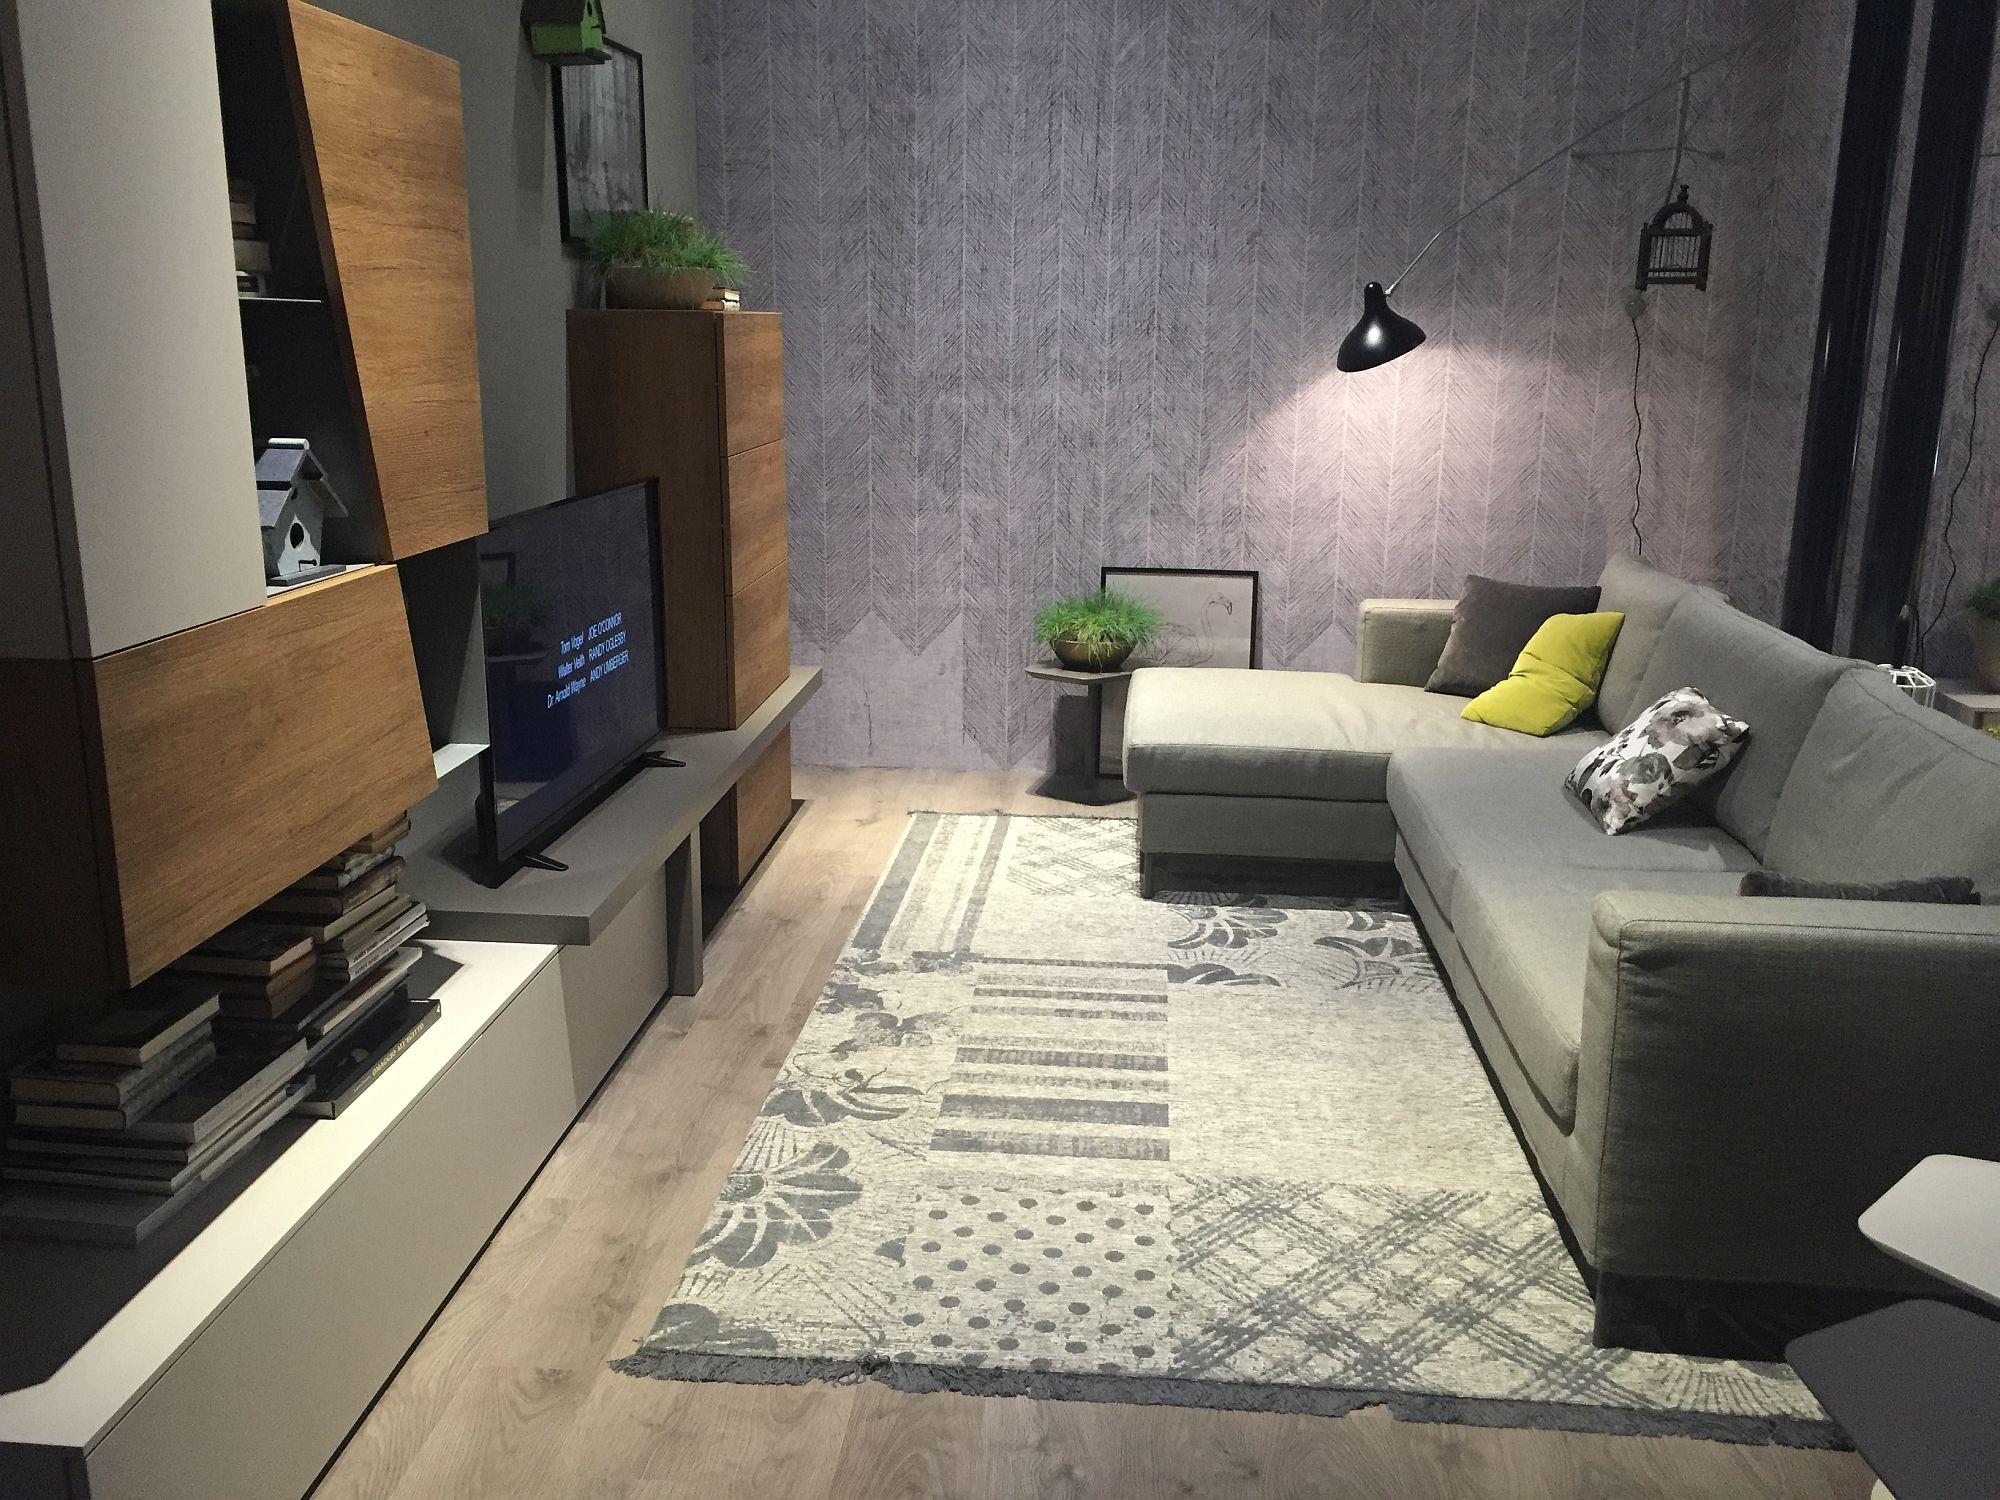 Idea hiasan dalaman ruang tamu kecil dengan kabinet jimat ruang